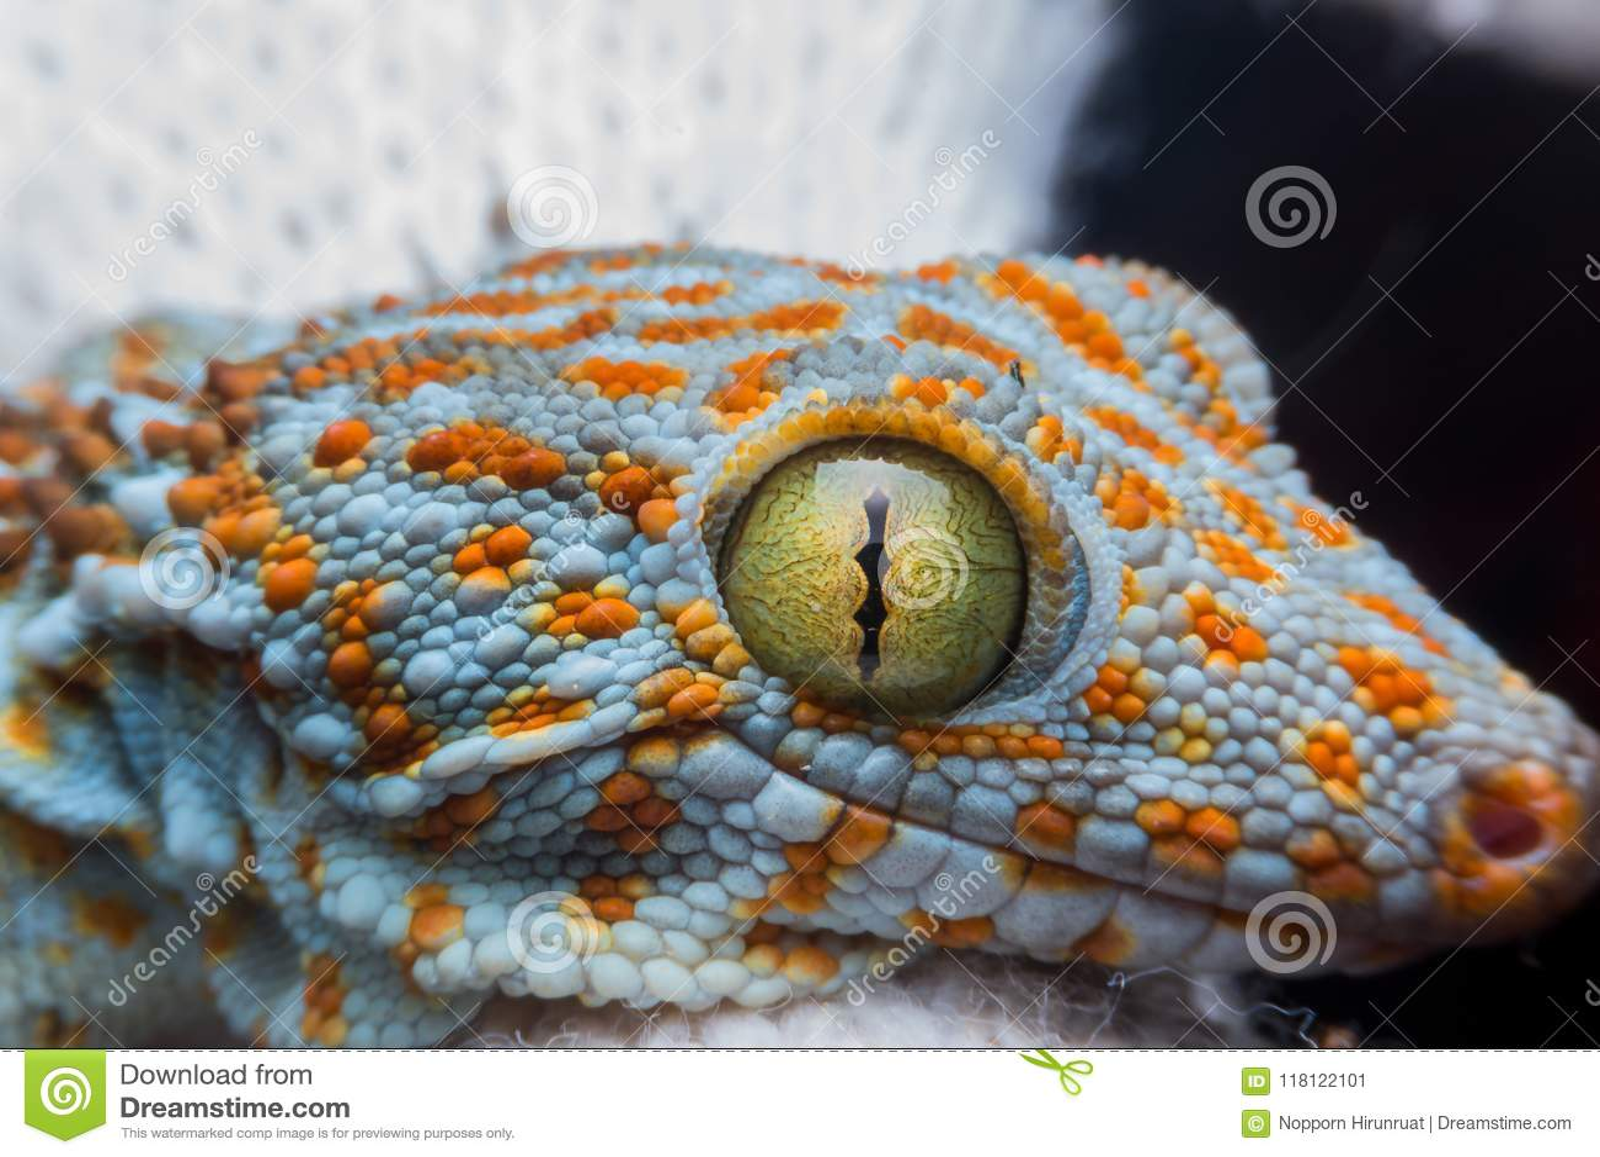 Auge des Geckos